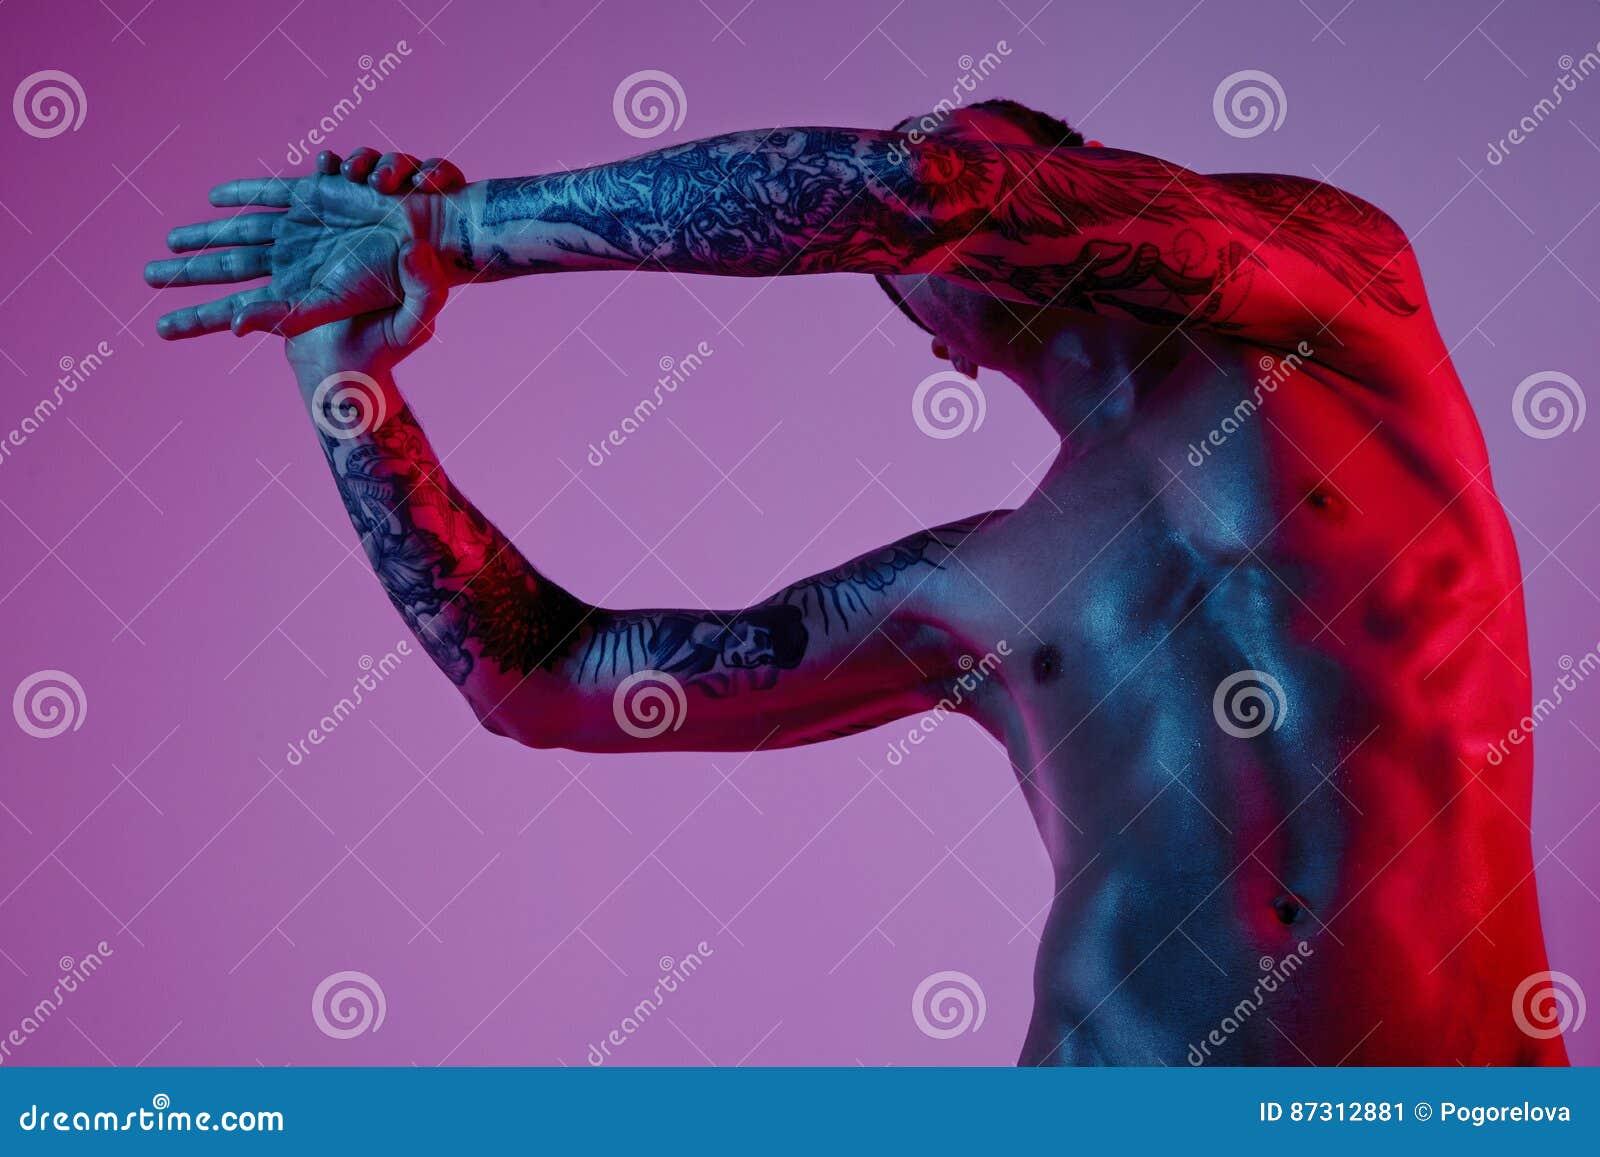 Modephotoshoot av elasticiteten för arm för danande för man för sportpassform den attraktiva Manlig naken kropp, tatuerade händer